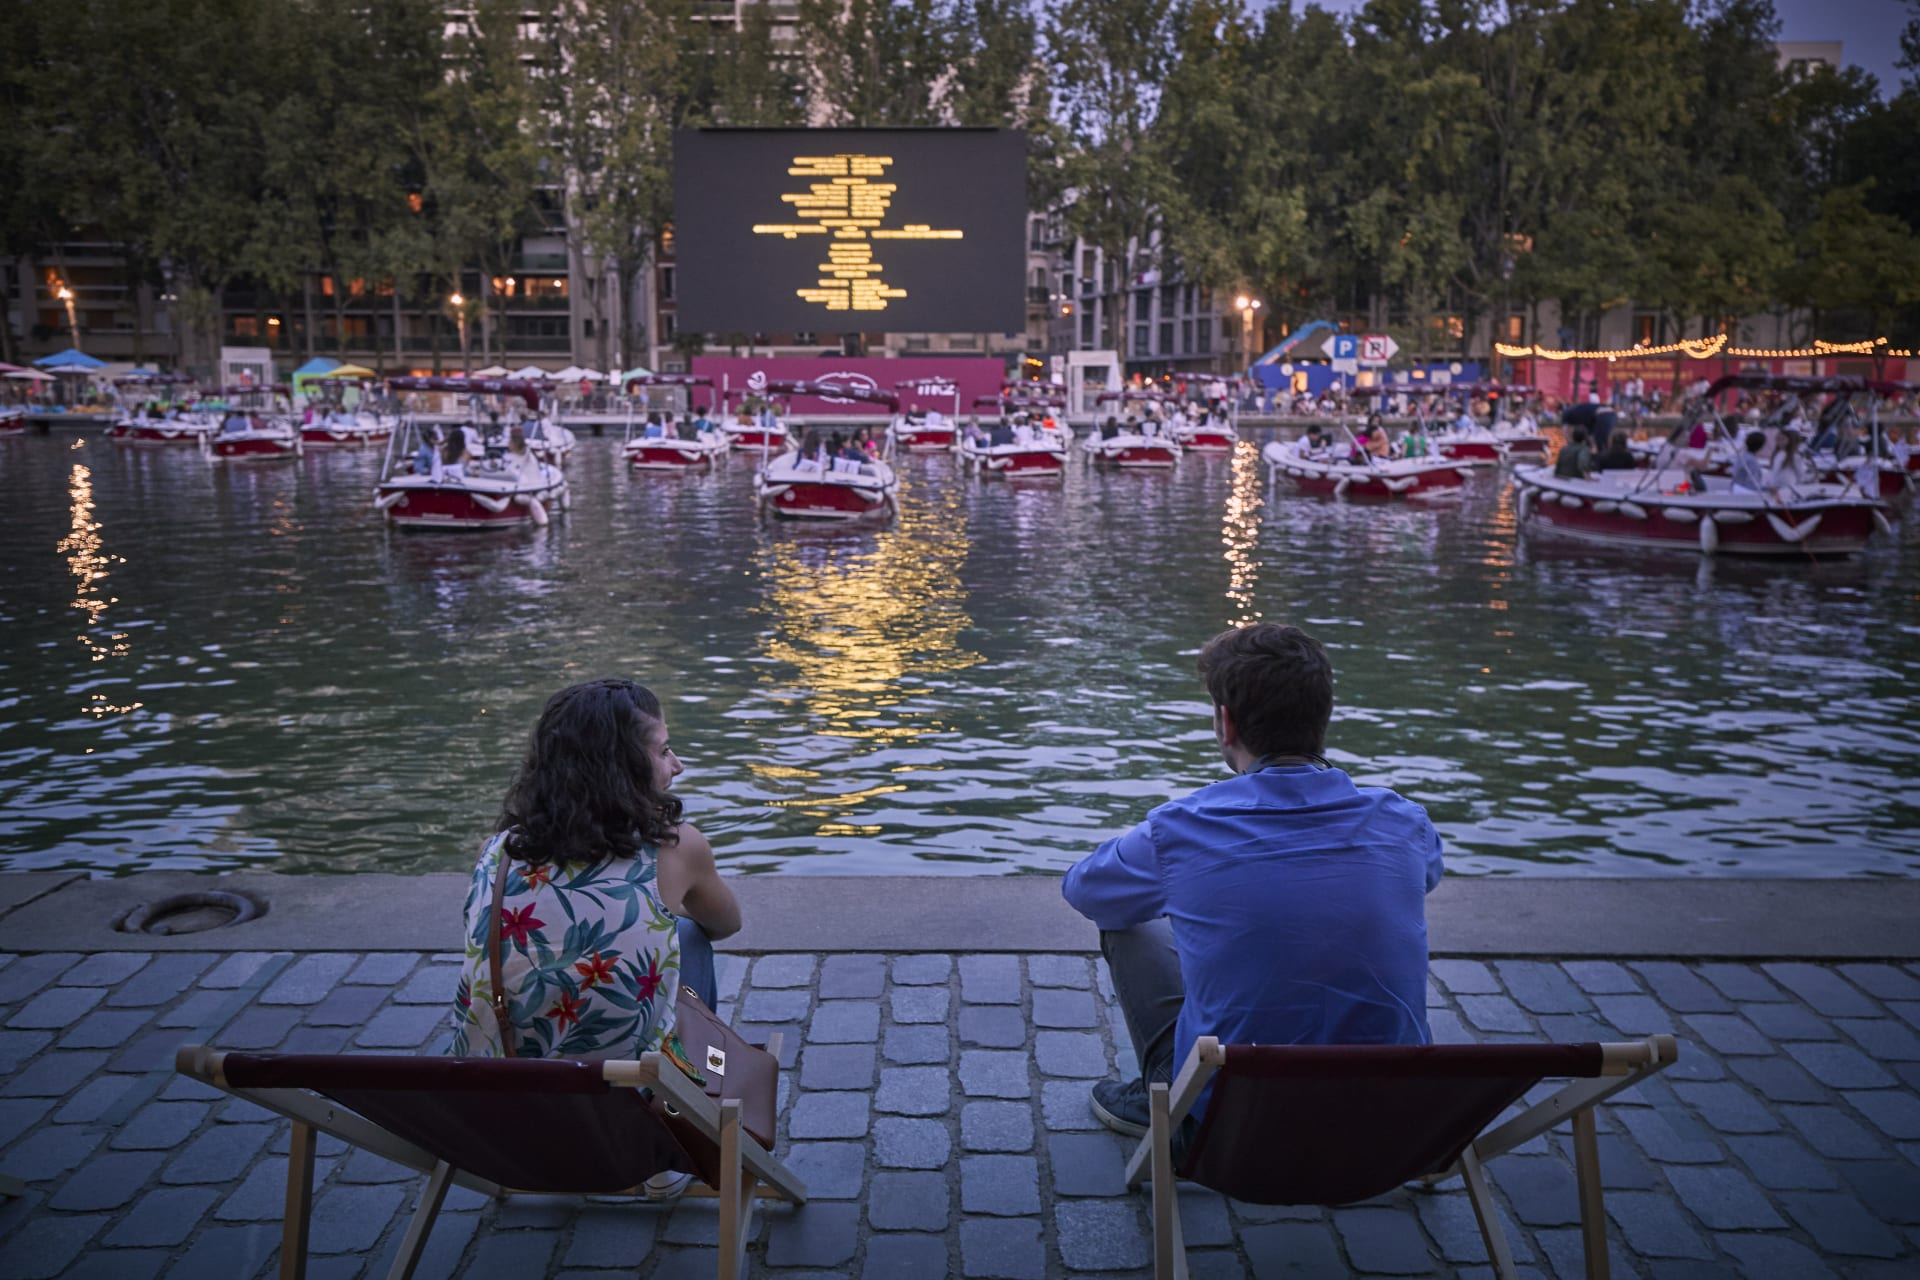 بقوارب متباعدة اجتماعياً.. نهر السين في باريس يتحول لسينما عائمة في ظل جائحة كورونا